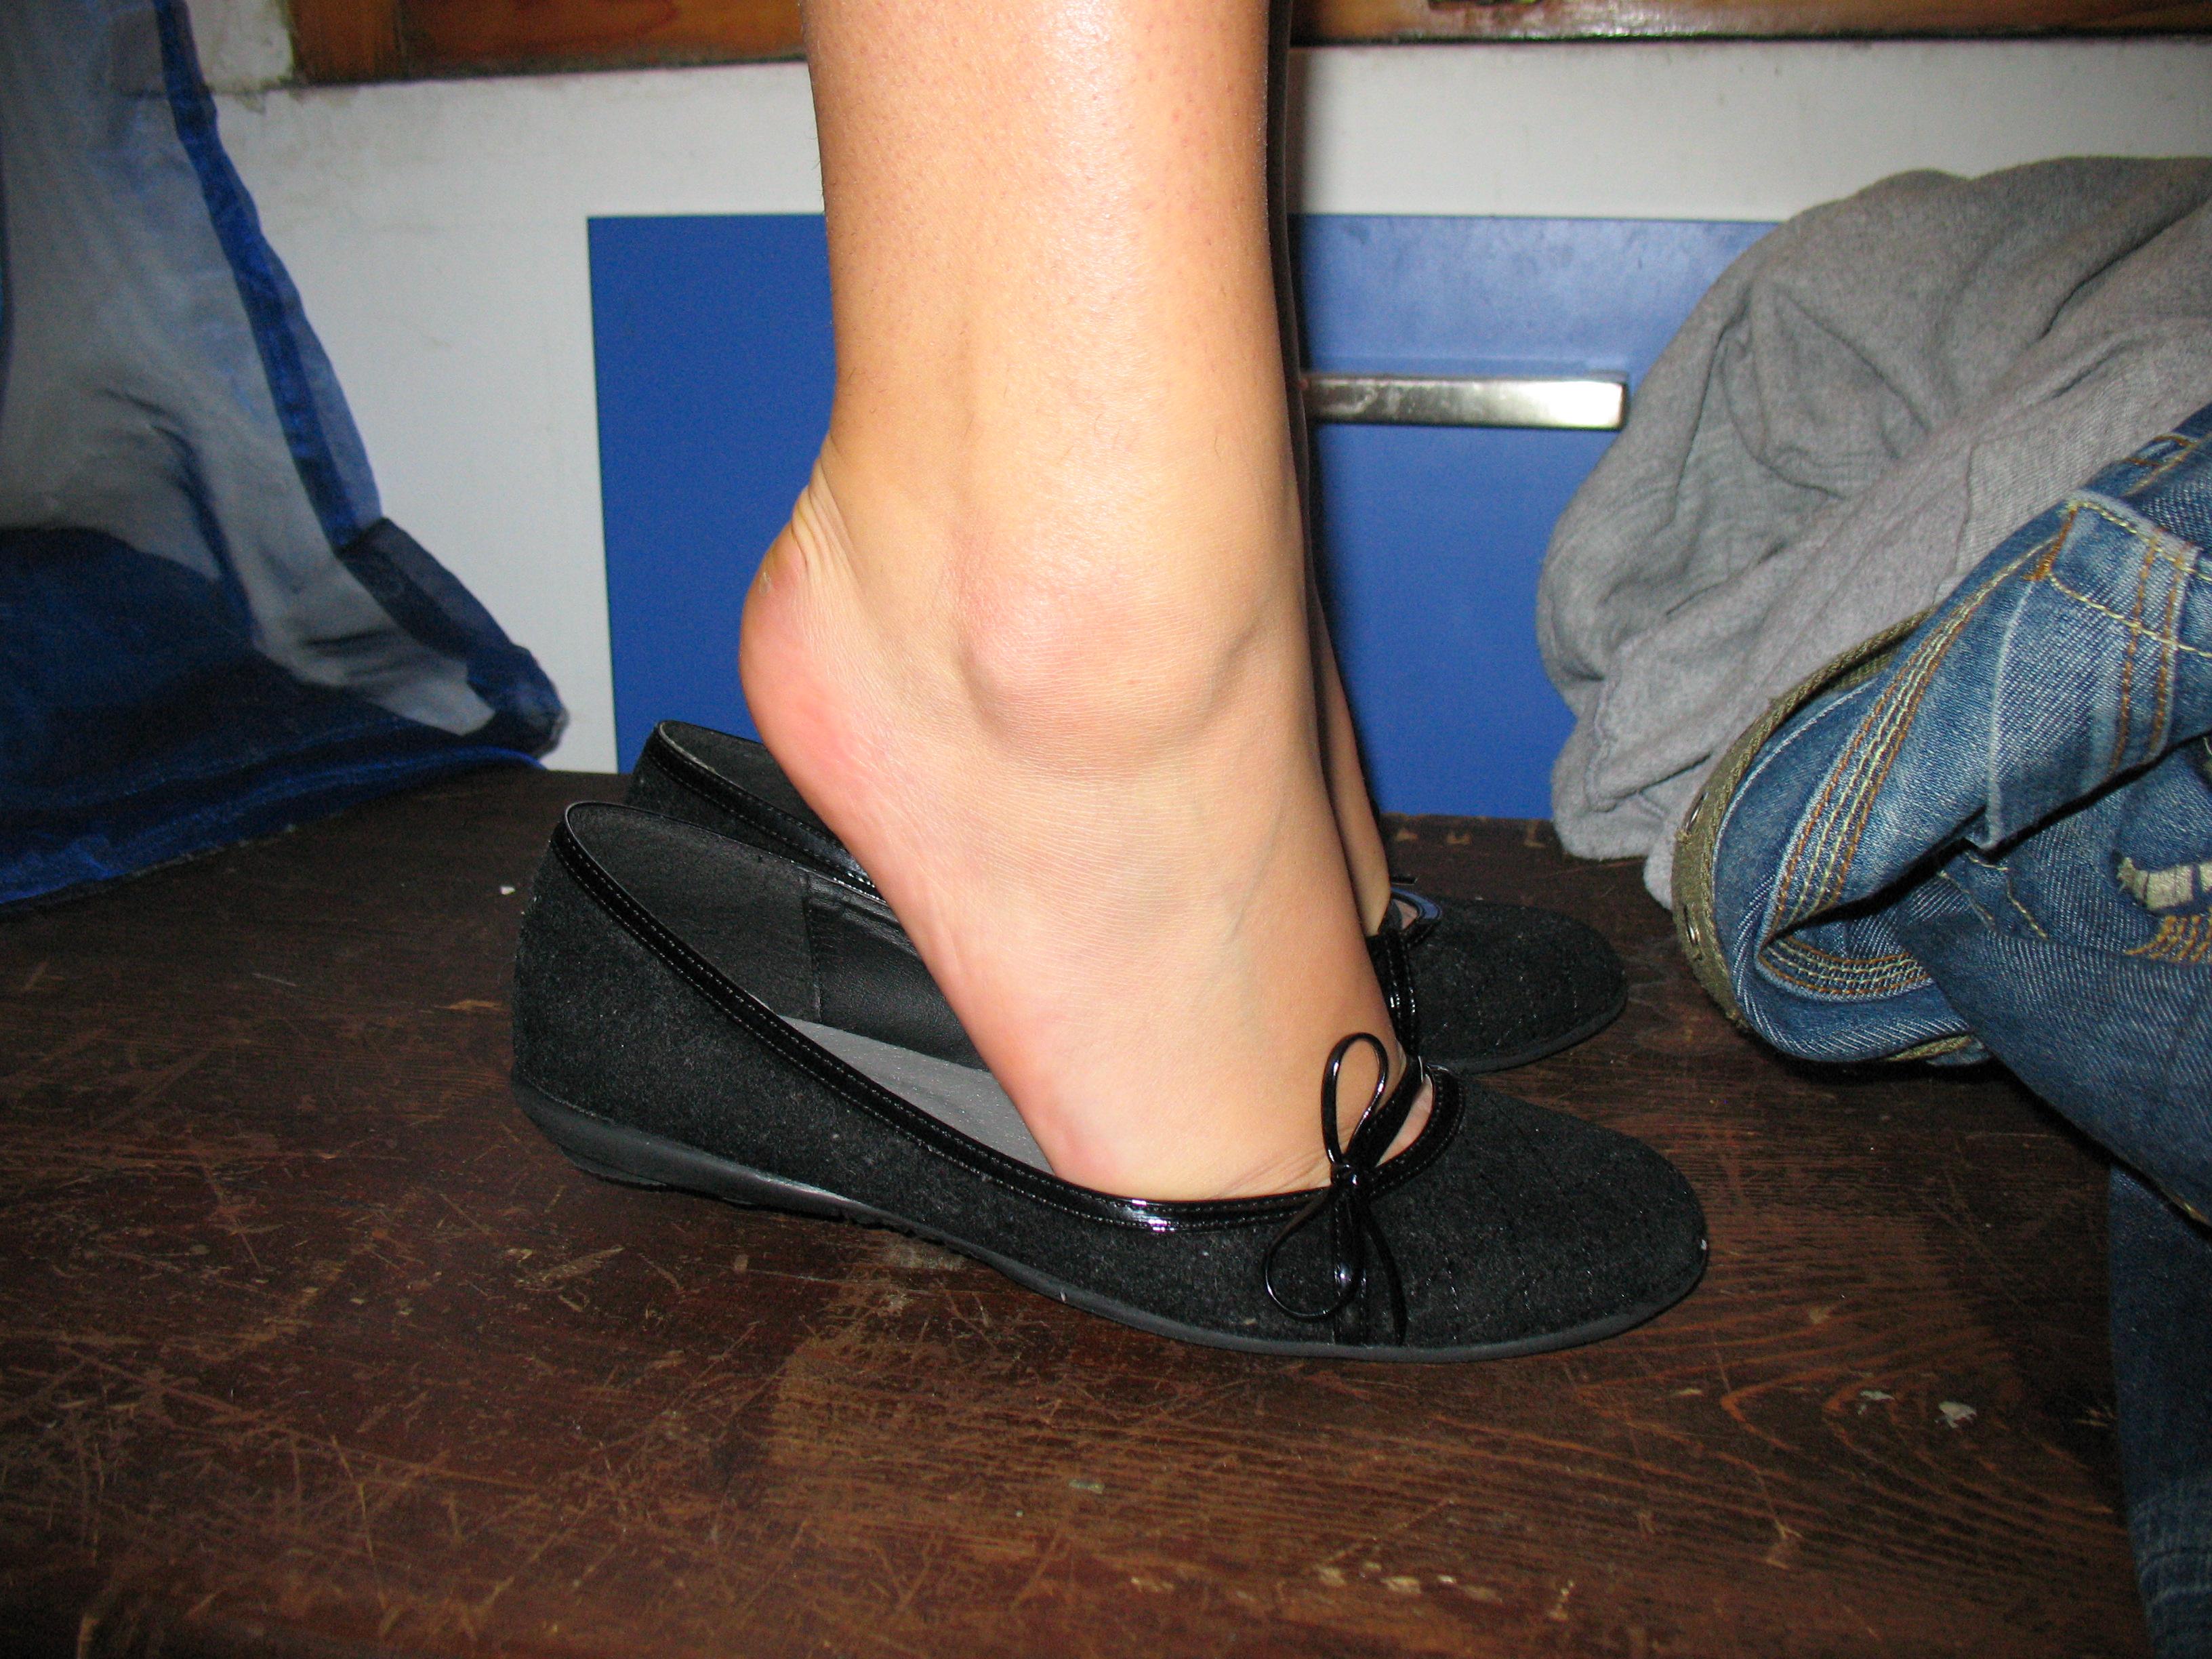 надела себя как женщины снимают туфельки видео это доказанный факт